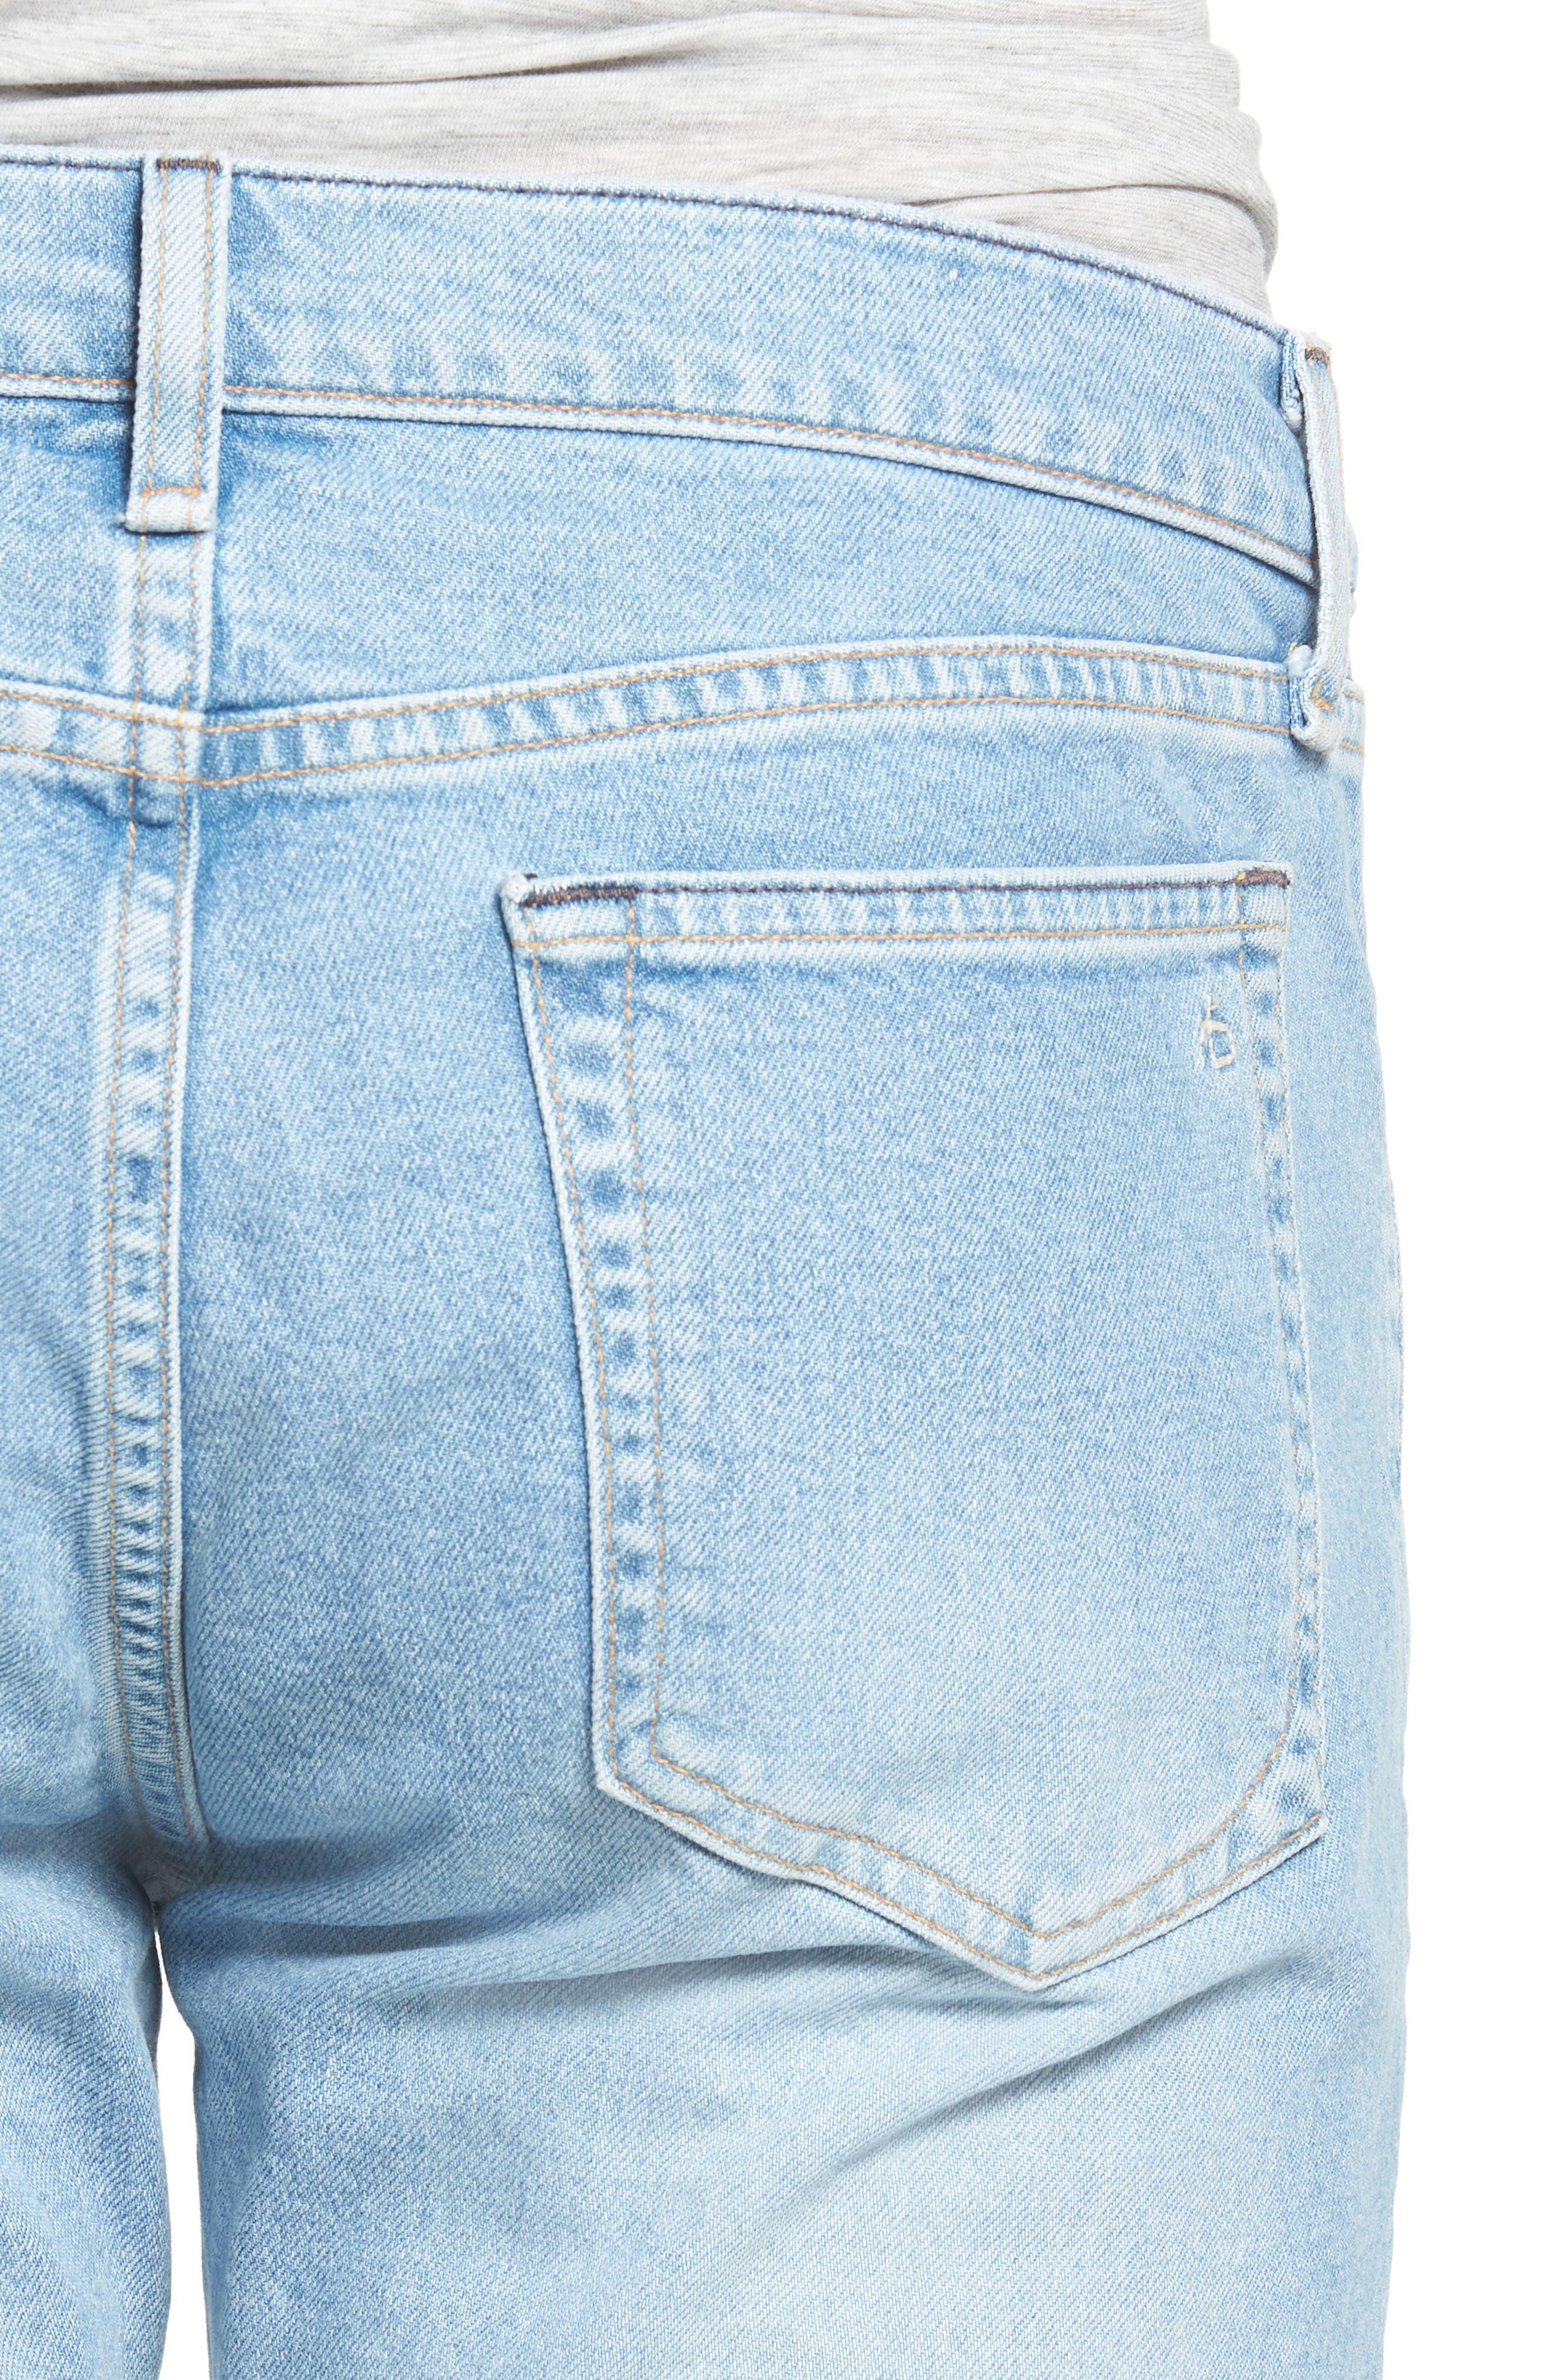 Fit 2 Slim Fit Jeans,                             Alternate thumbnail 4, color,                             MONTAUK W/ HOLE